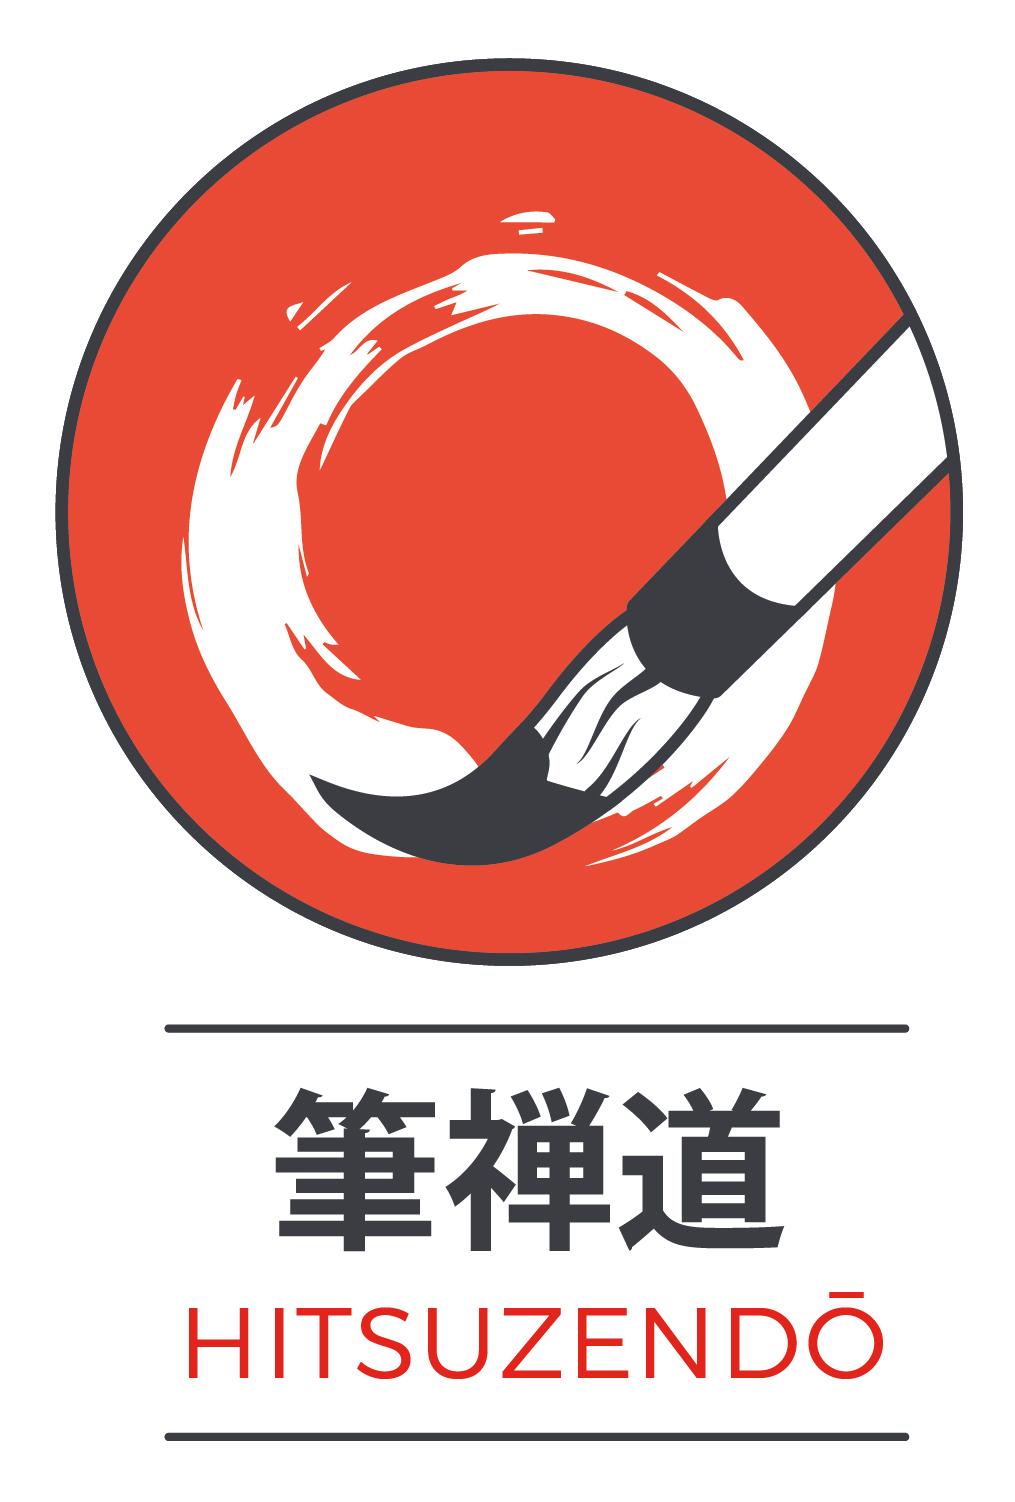 Hitsuzendō